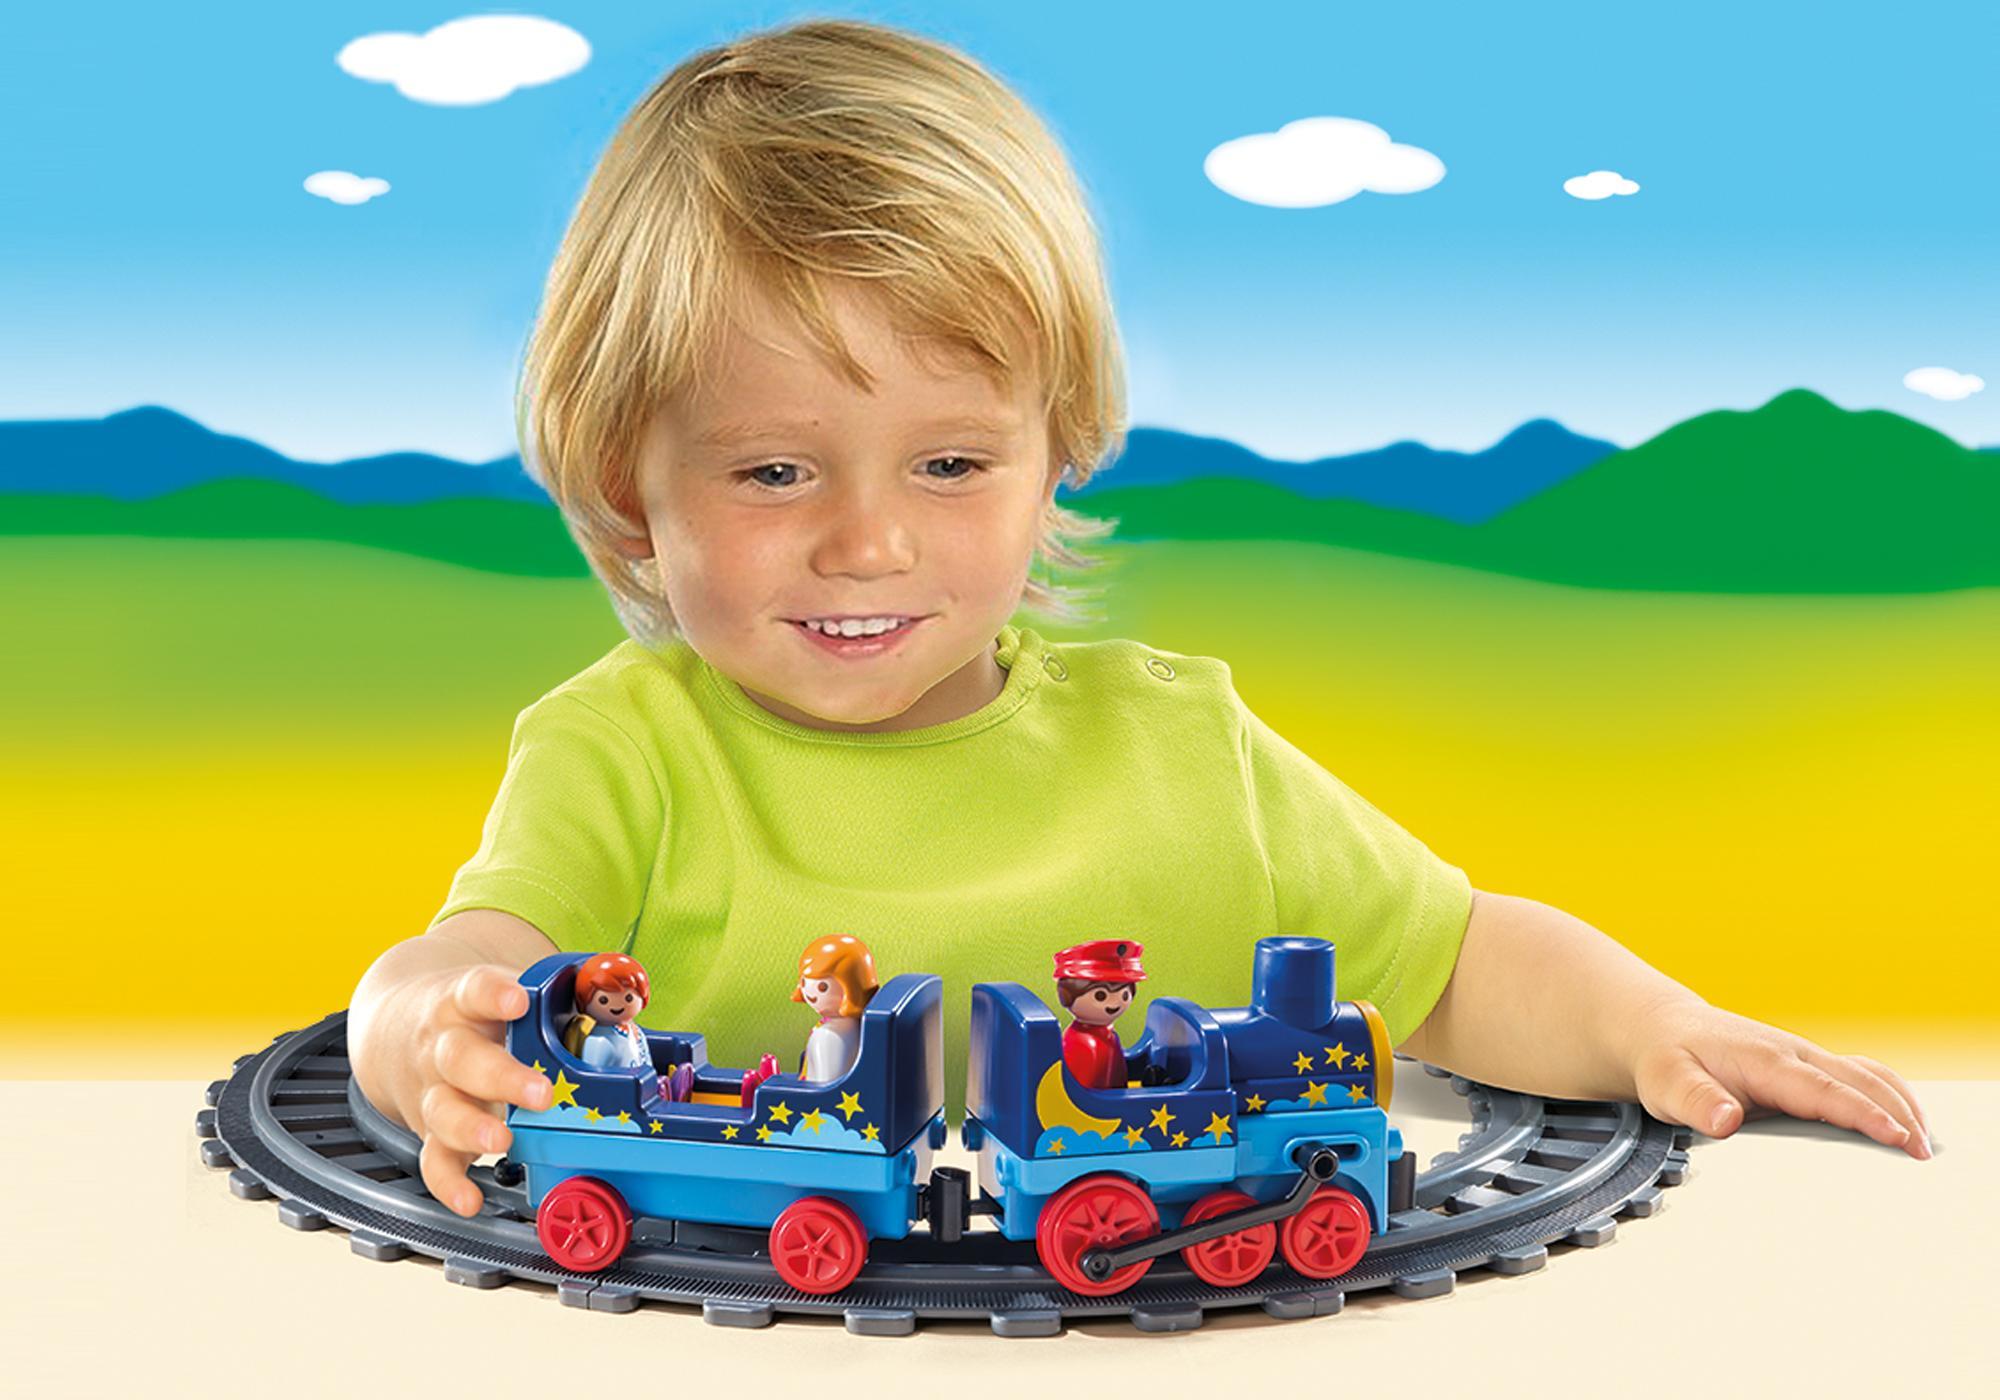 http://media.playmobil.com/i/playmobil/6880_product_extra2/1.2.3 Comboio com linha férrea